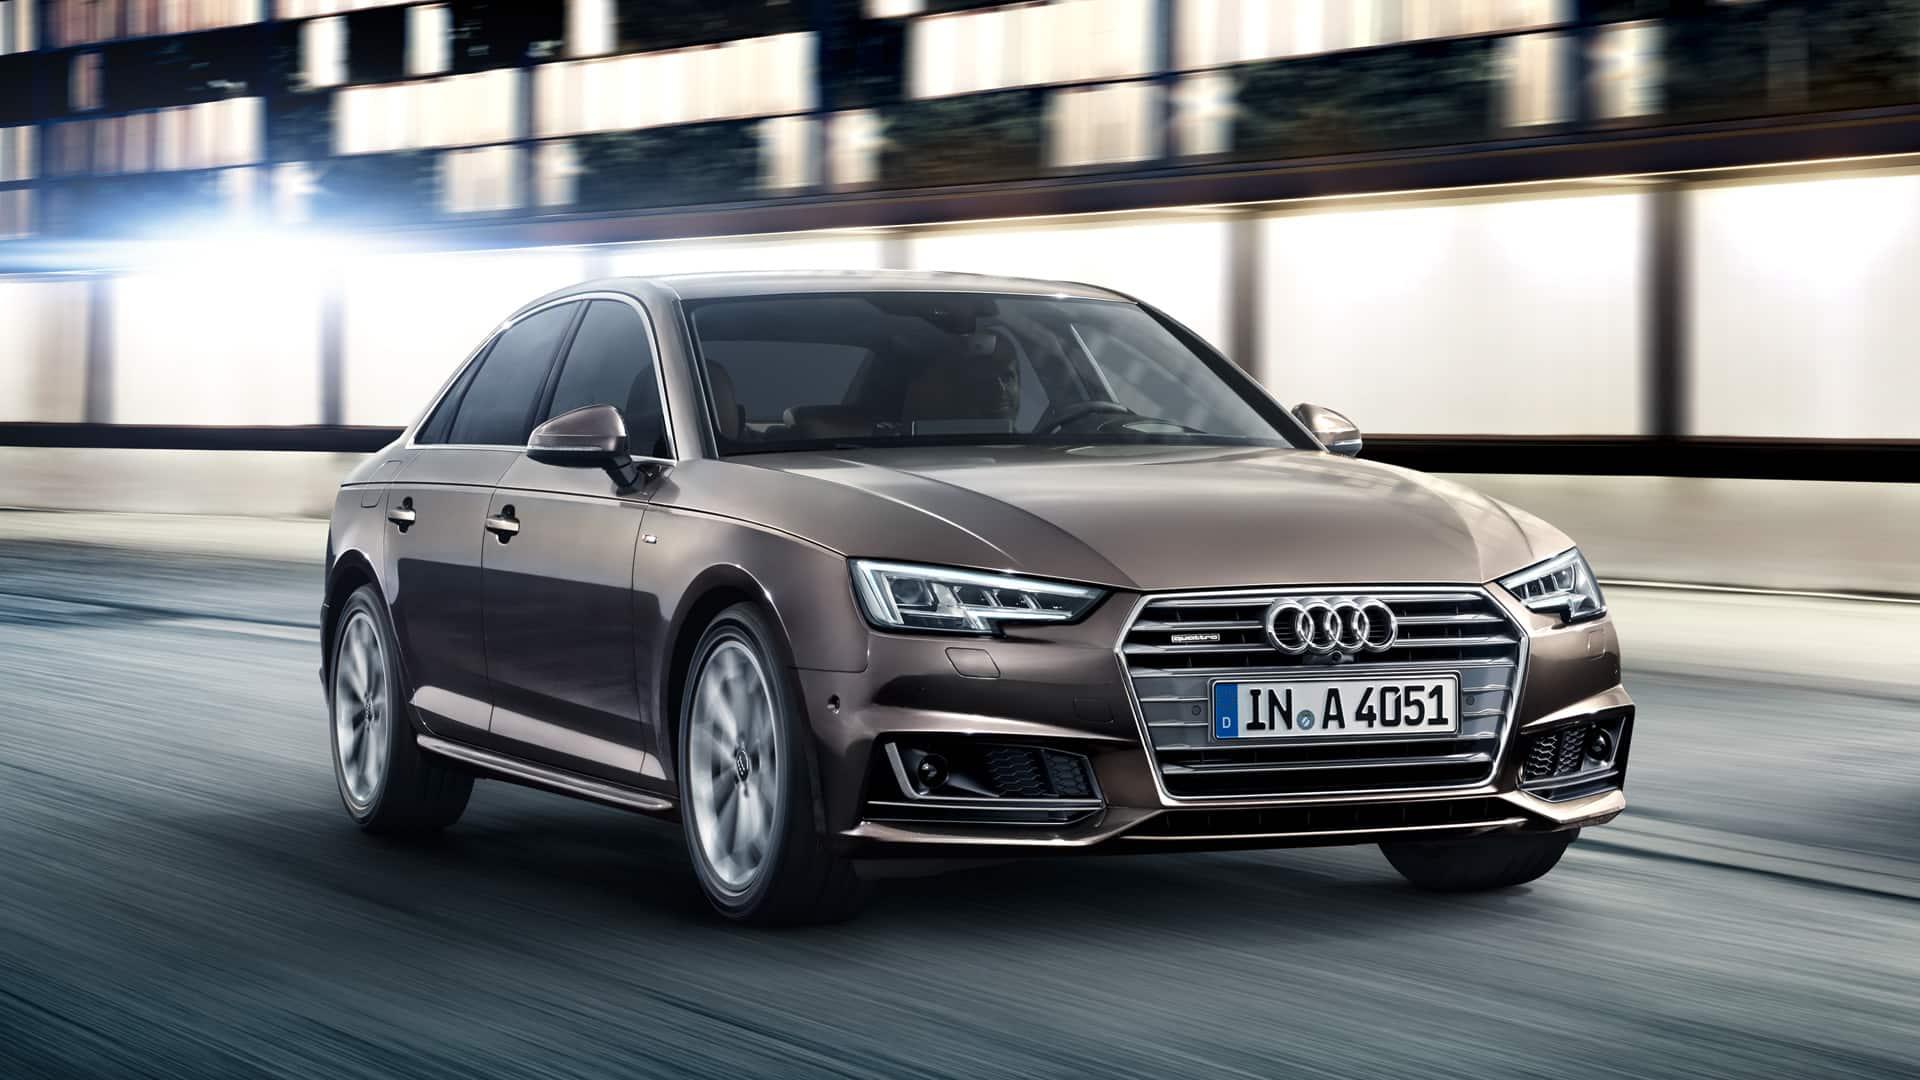 Audi A4 2019 A4 Range Audi Middle East Advancement Through